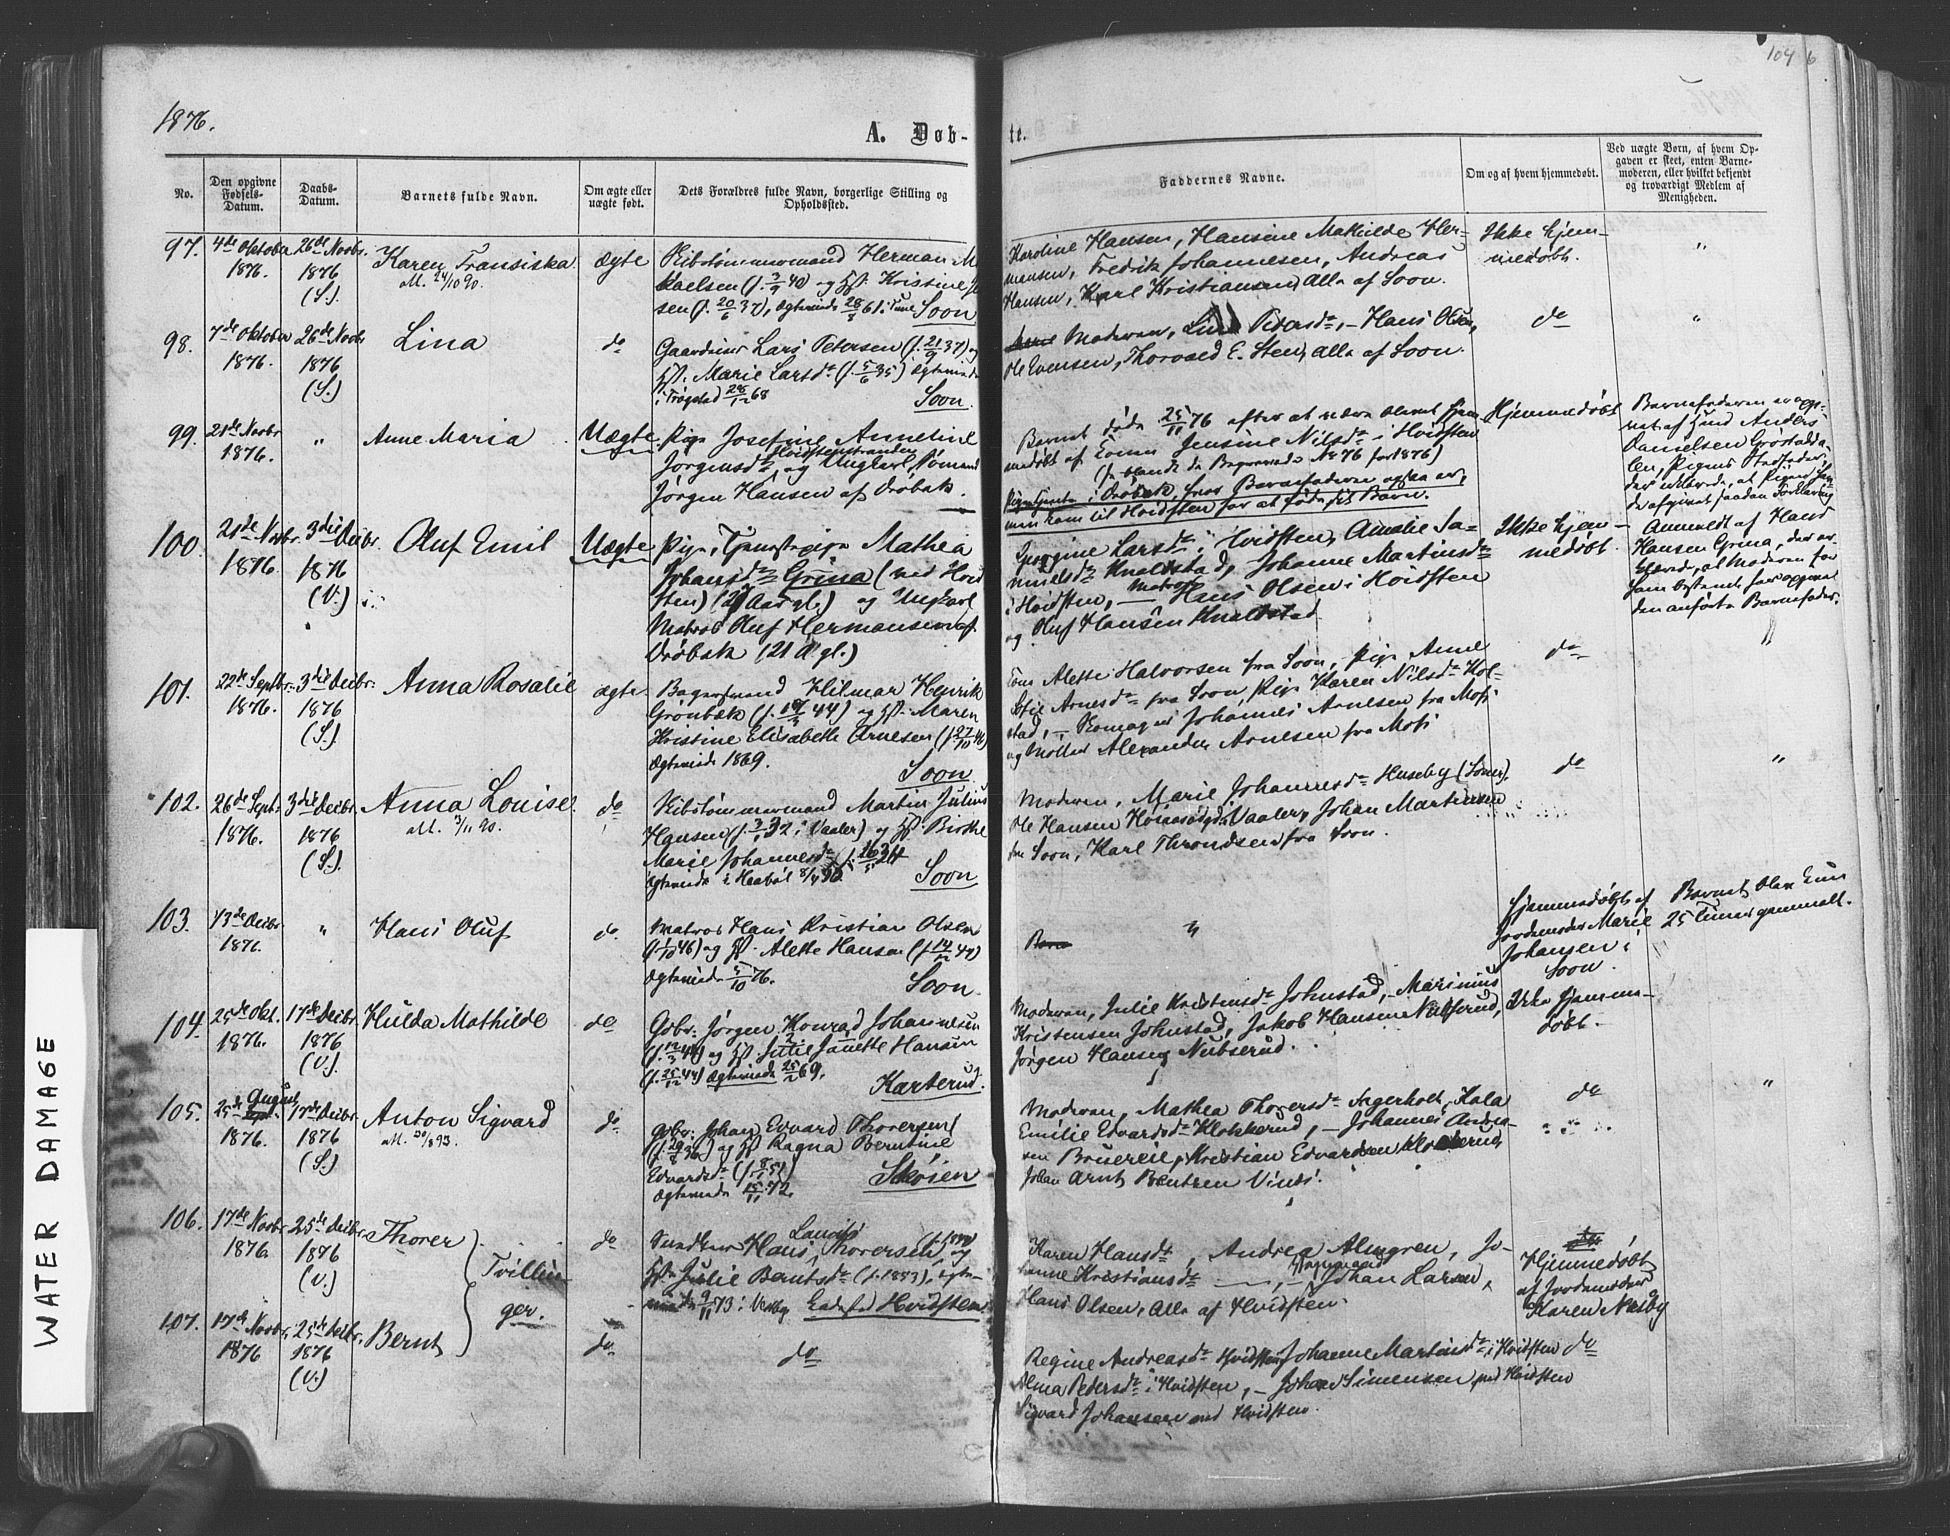 SAO, Vestby prestekontor Kirkebøker, F/Fa/L0008: Ministerialbok nr. I 8, 1863-1877, s. 104